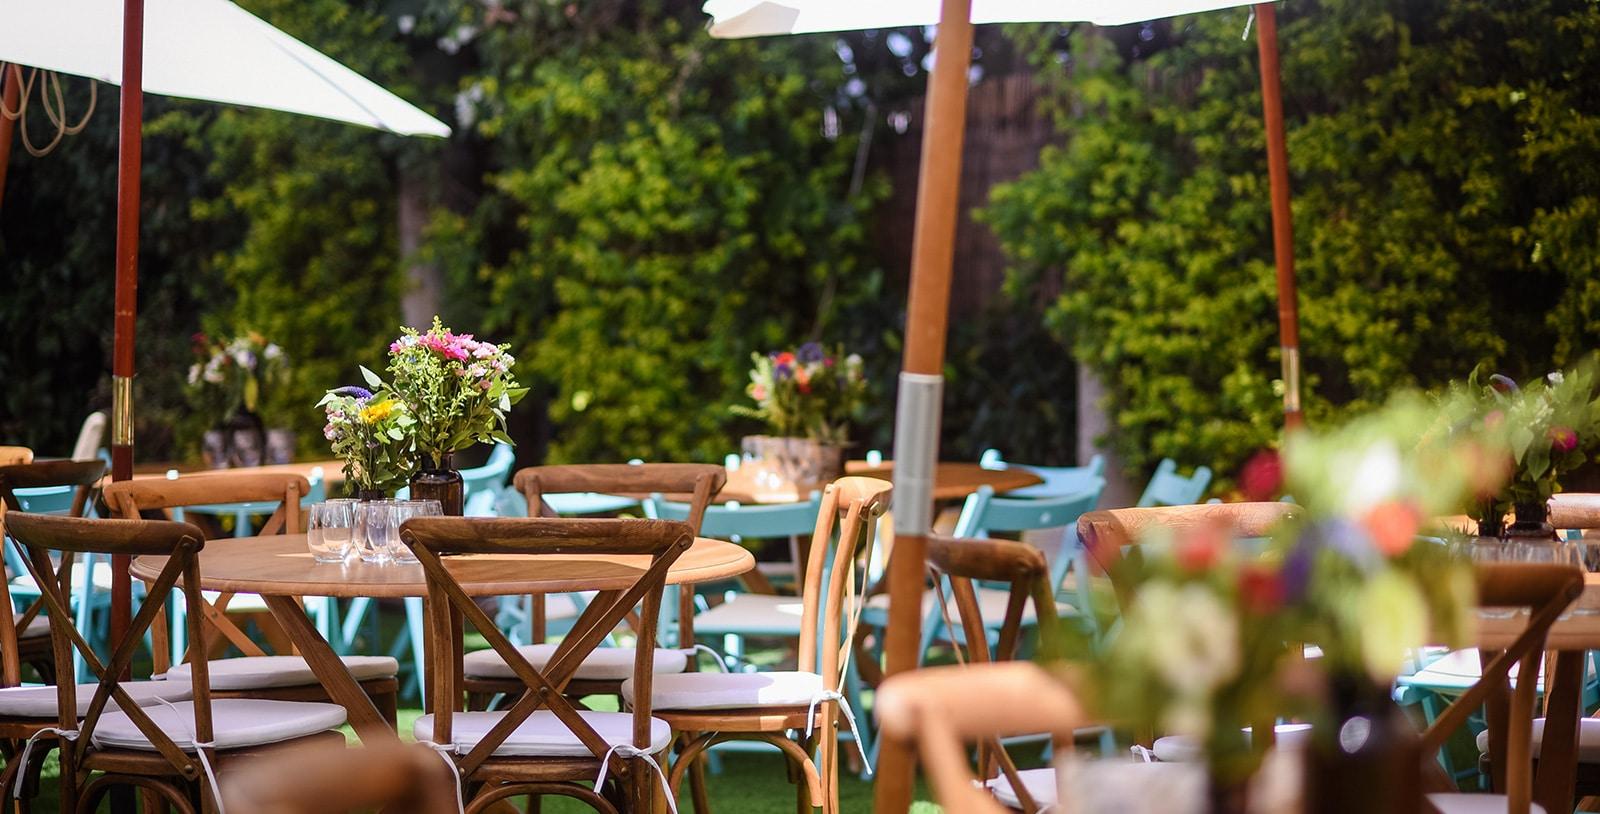 גן אירועים לחתונות קיץ וחורף